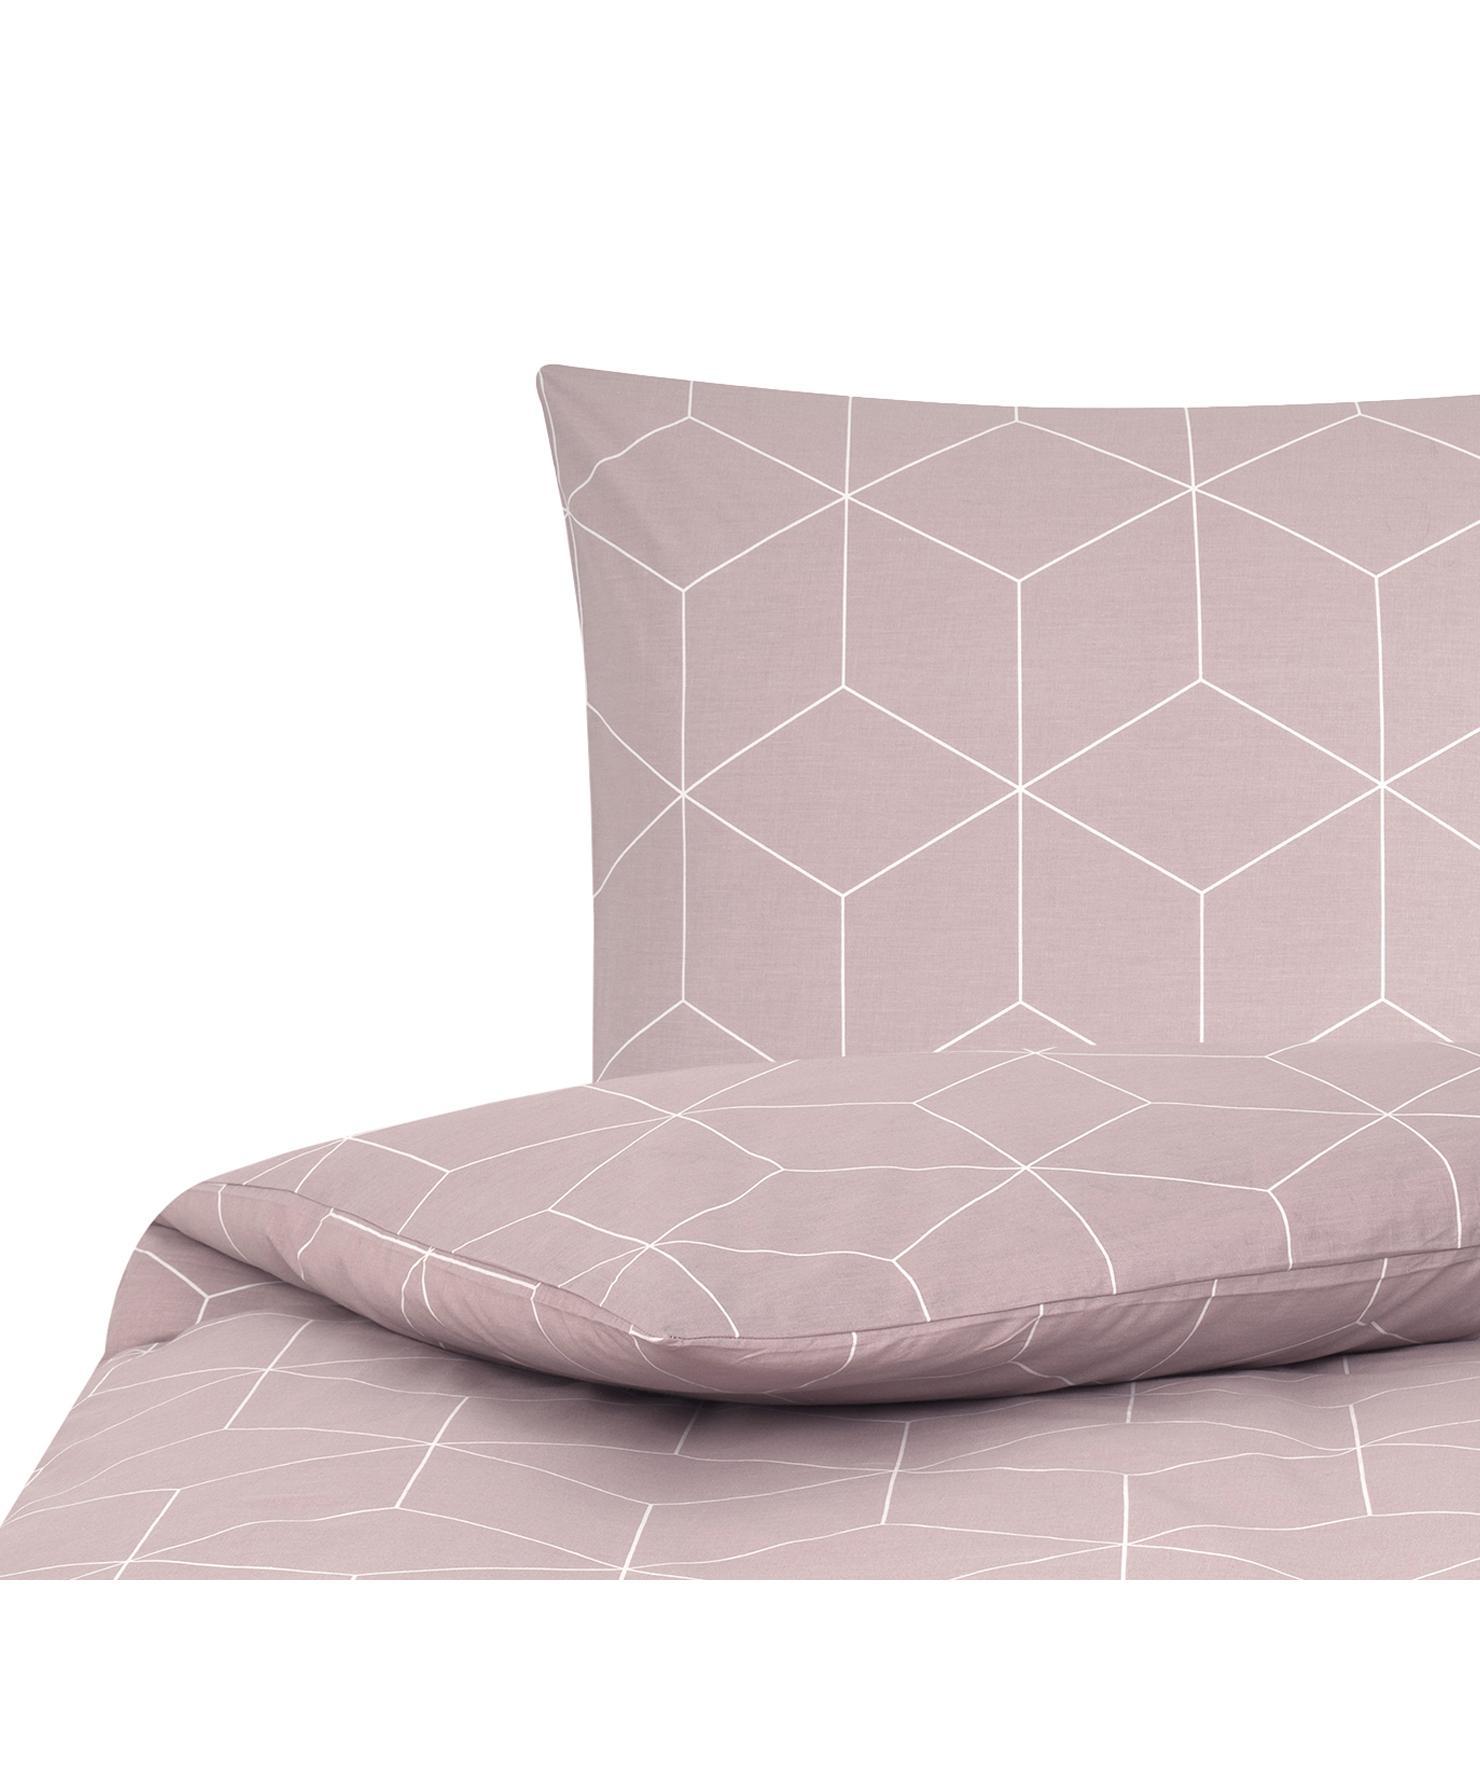 Baumwoll-Bettwäsche Lynn mit grafischem Muster, Webart: Renforcé Fadendichte 144 , Altrosa, Cremeweiß, 135 x 200 cm + 1 Kissen 80 x 80 cm